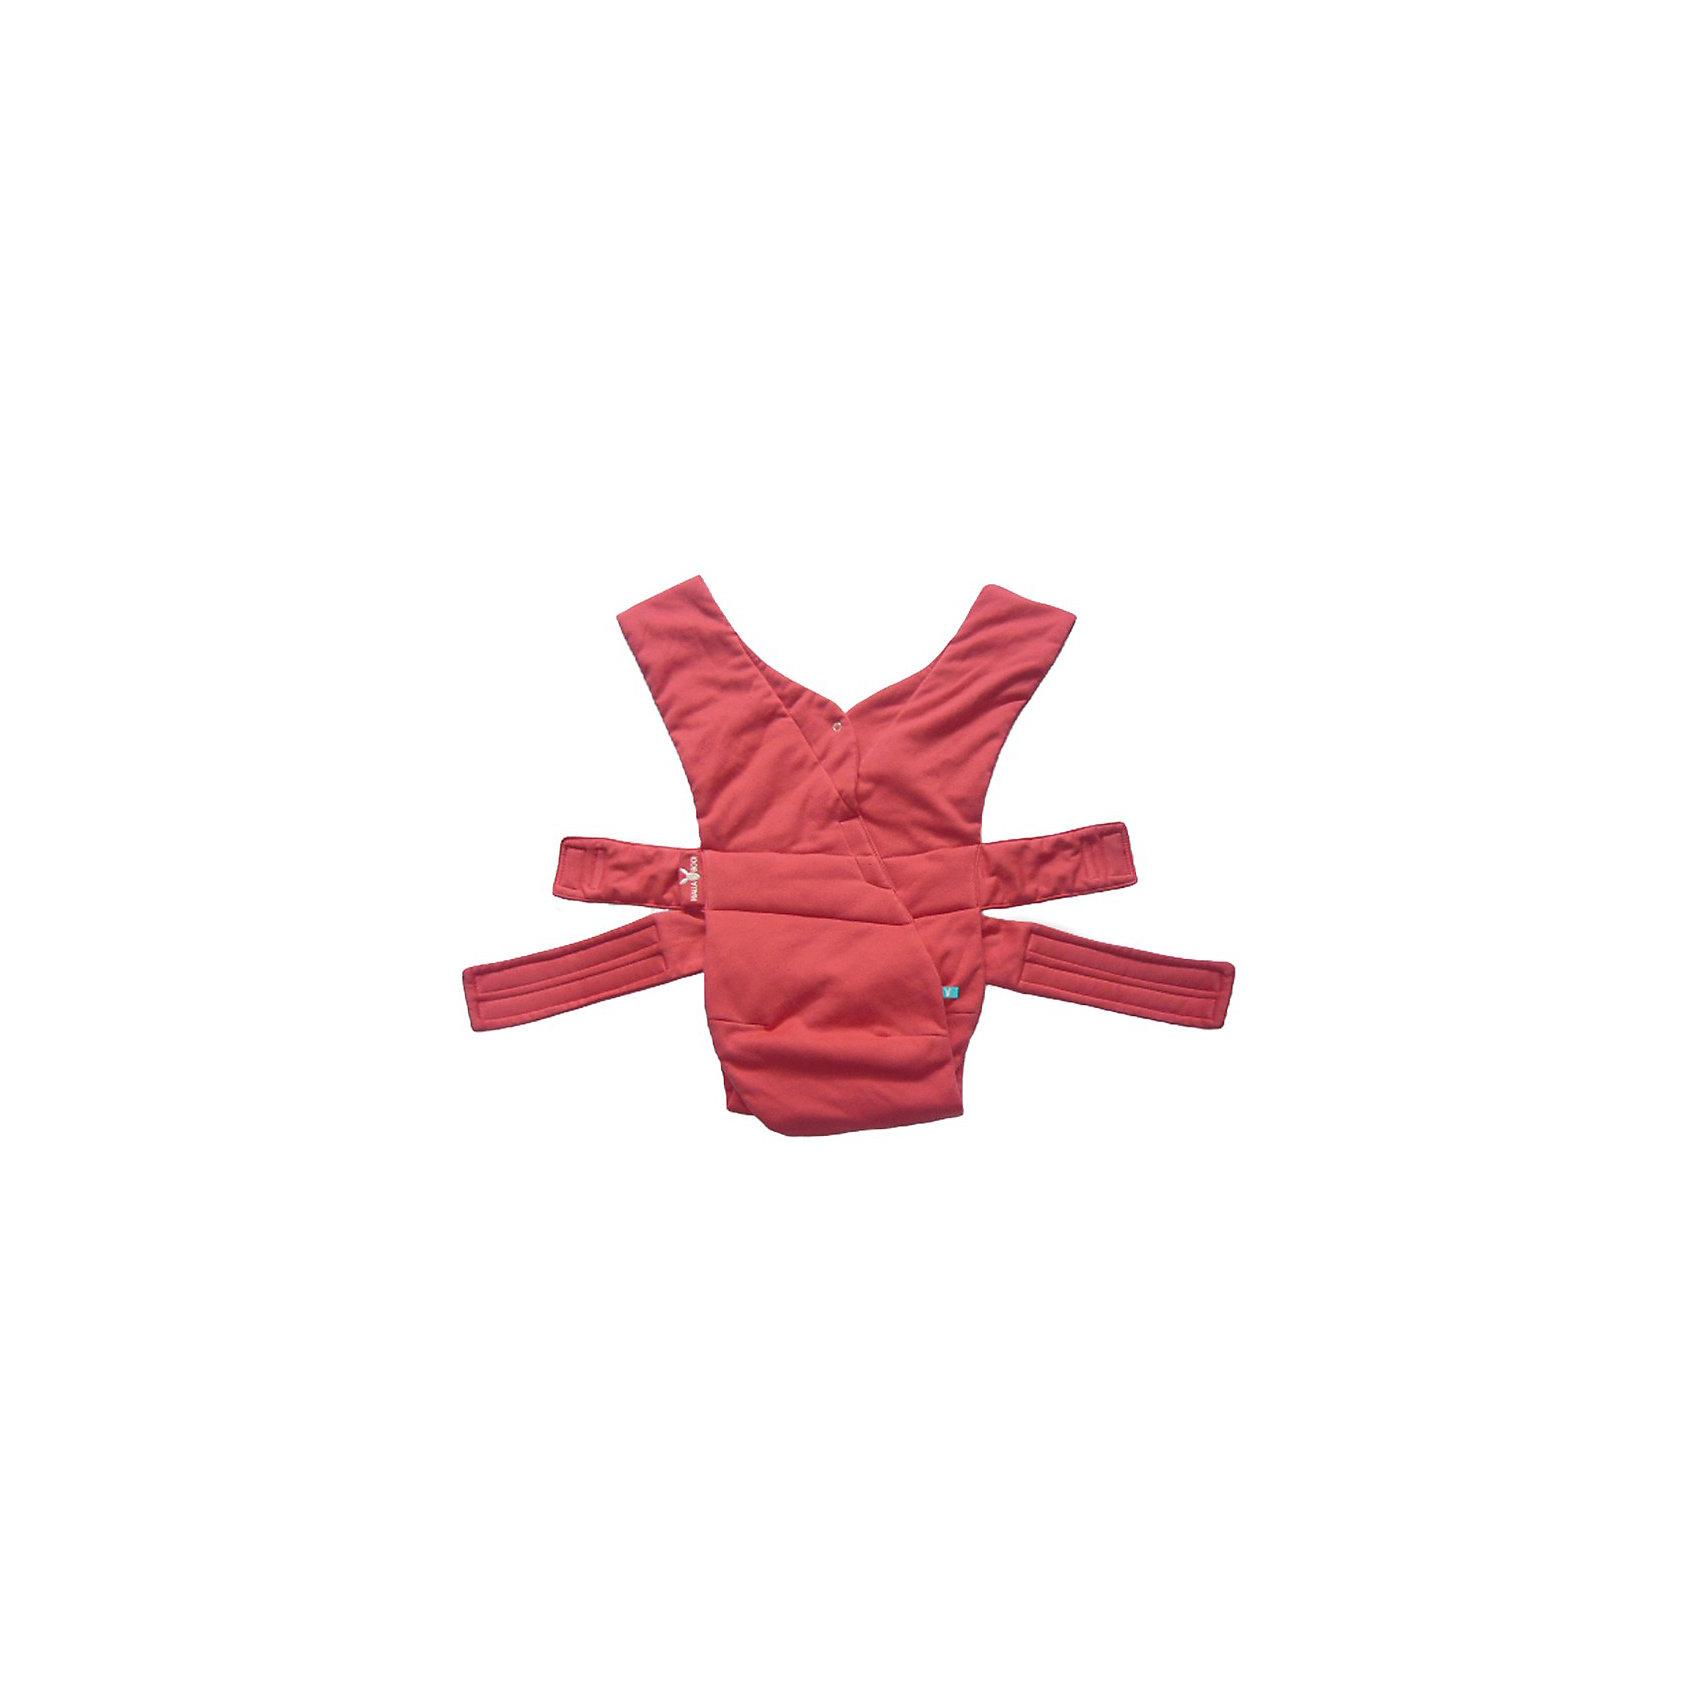 Рюкзак-переноска, Wallaboo, красныйРюкзак-переноска, Валлабу, красный – новинка от Wallaboo, эксперта в производстве качественных, стильных и удобных товаров для мам и малышей. Рюкзак подарит комфорт малышу и обеспечит удобство передвижения маме.<br>Современный эргономичный рюкзак-переноска от Wallaboo придуман для заботливых родителей и чудесных малышей, в нем  использованы преимущества разнообразных видов рюкзаков–переносок и устранены любые неудобства для мамы или малыша. Это изделие Вы сможете быстро и легко приспособить к своей фигуре. Благодаря мягкому натуральному материалу оригинальный рюкзак от Wallaboo (Валлабу) будет намного комфортнее любой модели рюкзака, сделанной из полиэстера. Он выполнен из прочного 100% хлопка, пропускающего воздух. Широкие ремни на плечах и уникальное решение с перекрестными ремнями на спине обеспечат оптимальное распределение нагрузки. Легкий и компактный рюкзак удобно взять с собой в путешествие или на прогулку. Стильный и оригинальный двухцветный дизайн подчеркнет ваш модный и динамичный образ.<br><br>Дополнительная информация:<br><br>- Материал: 100% двусторонний хлопковый трикотаж<br>- Испытания на безопасность: материалы и готовое изделие соответствуют сертификату качества ЕС (BS EN 13209-2)<br>- Особенности: широкая поддерживающая часть под ягодицами и коленками малыша обеспечивает правильное разведение ножек ребенка в эргономичной позе<br>- Регулировка: простая и быстрая при помощи надежных и безопасных застежек-липучек высокого качества, рюкзак растет вместе с Вашим малышом<br>- Использование: легкий и компактный рюкзак удобно взять с собой в путешествие или на прогулку; малыш может находиться в двух естественных положениях «лицом к маме» и «лицом вперед»<br>- Стильный двухцветный дизайн помогает легко отличить лицевую сторону рюкзака от изнанки<br>- Инструкция-схема вшита внутри<br>- Размер: один универсальный размер<br>- Возраст: от рождения до 12 месяцев<br>- Вес ребенка: от 3,5 до 15 кг (рекомендация производителя)<br